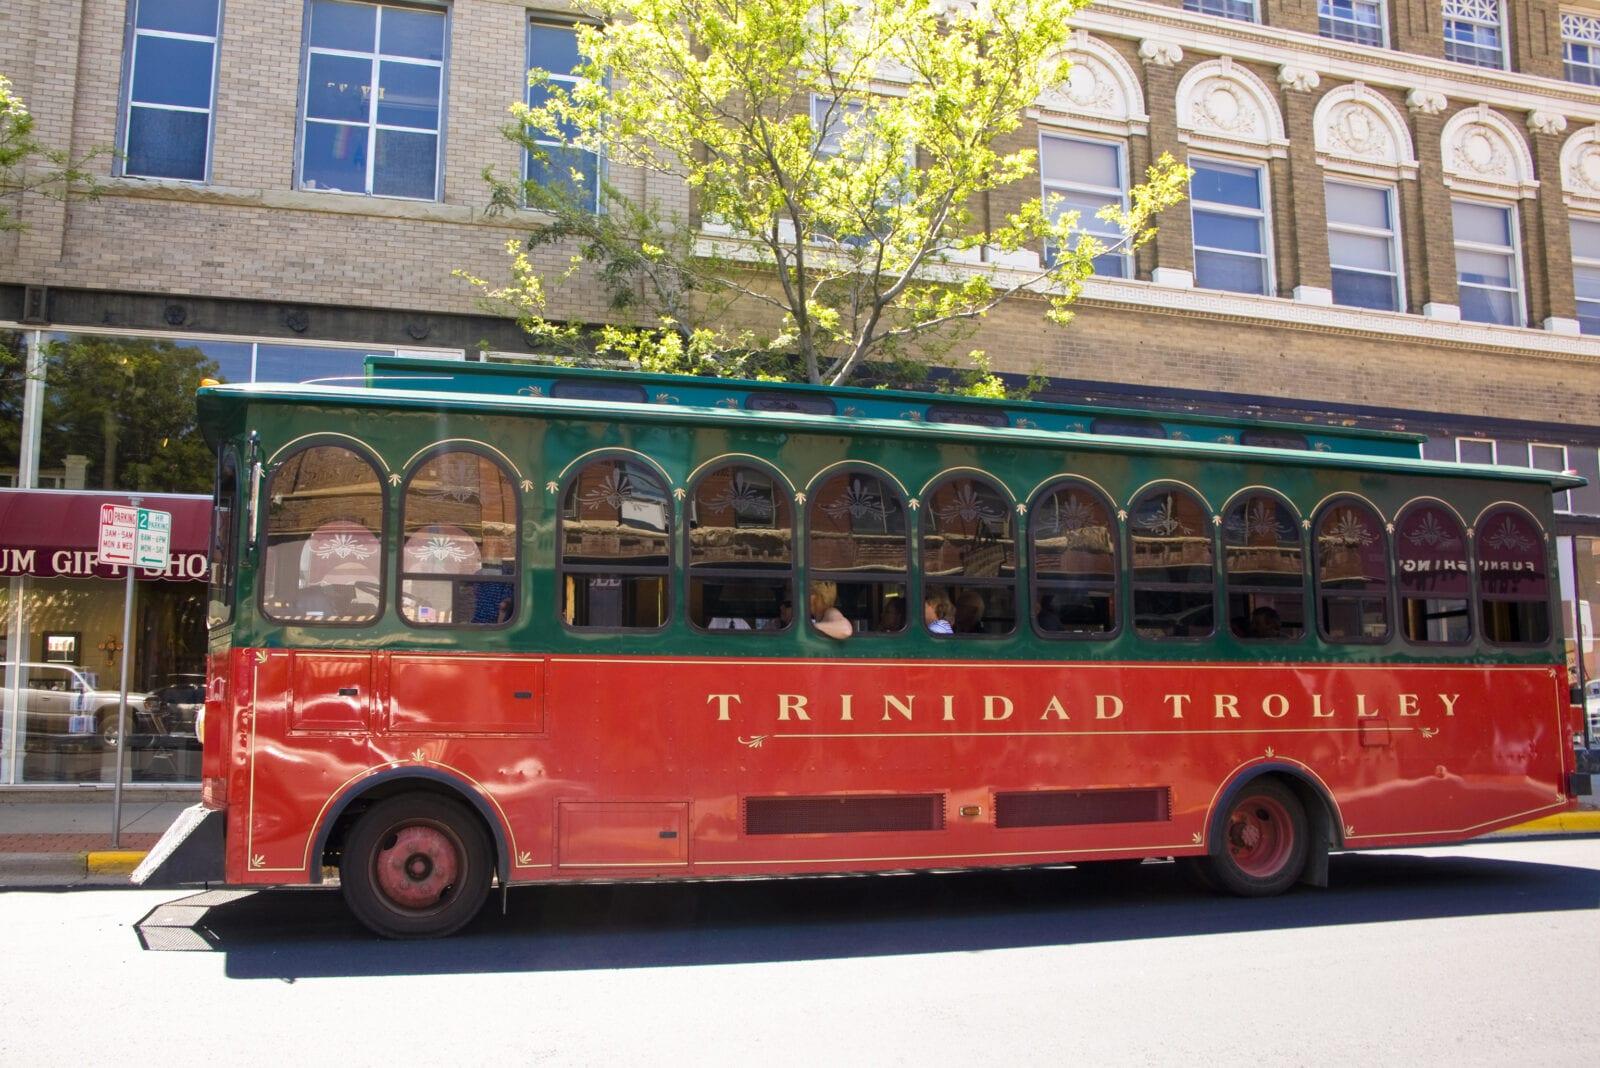 Image of the Trinidad Trolley in Trinidad Colorado